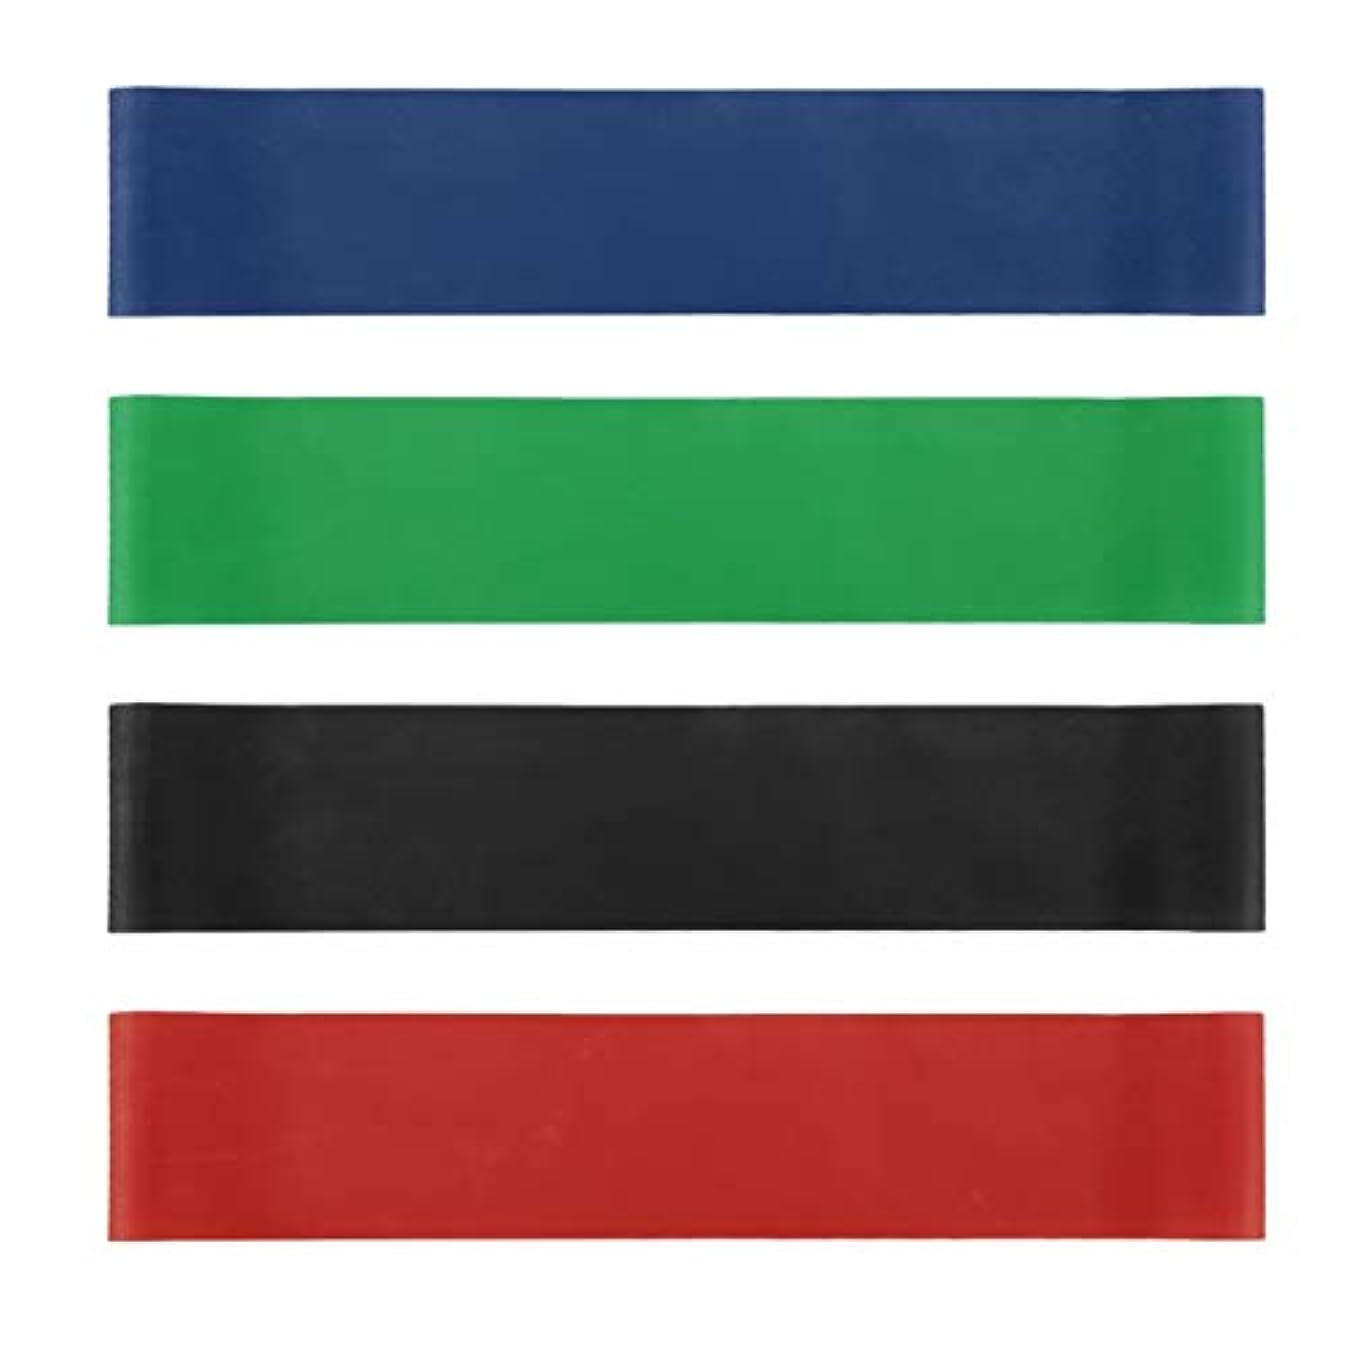 後世めんどり暴力4本の伸縮性ゴム弾性ヨガベルトバンドプルロープ張力抵抗バンドループ強度のフィットネスヨガツール - レッド&ブルー&グリーン&ブラック